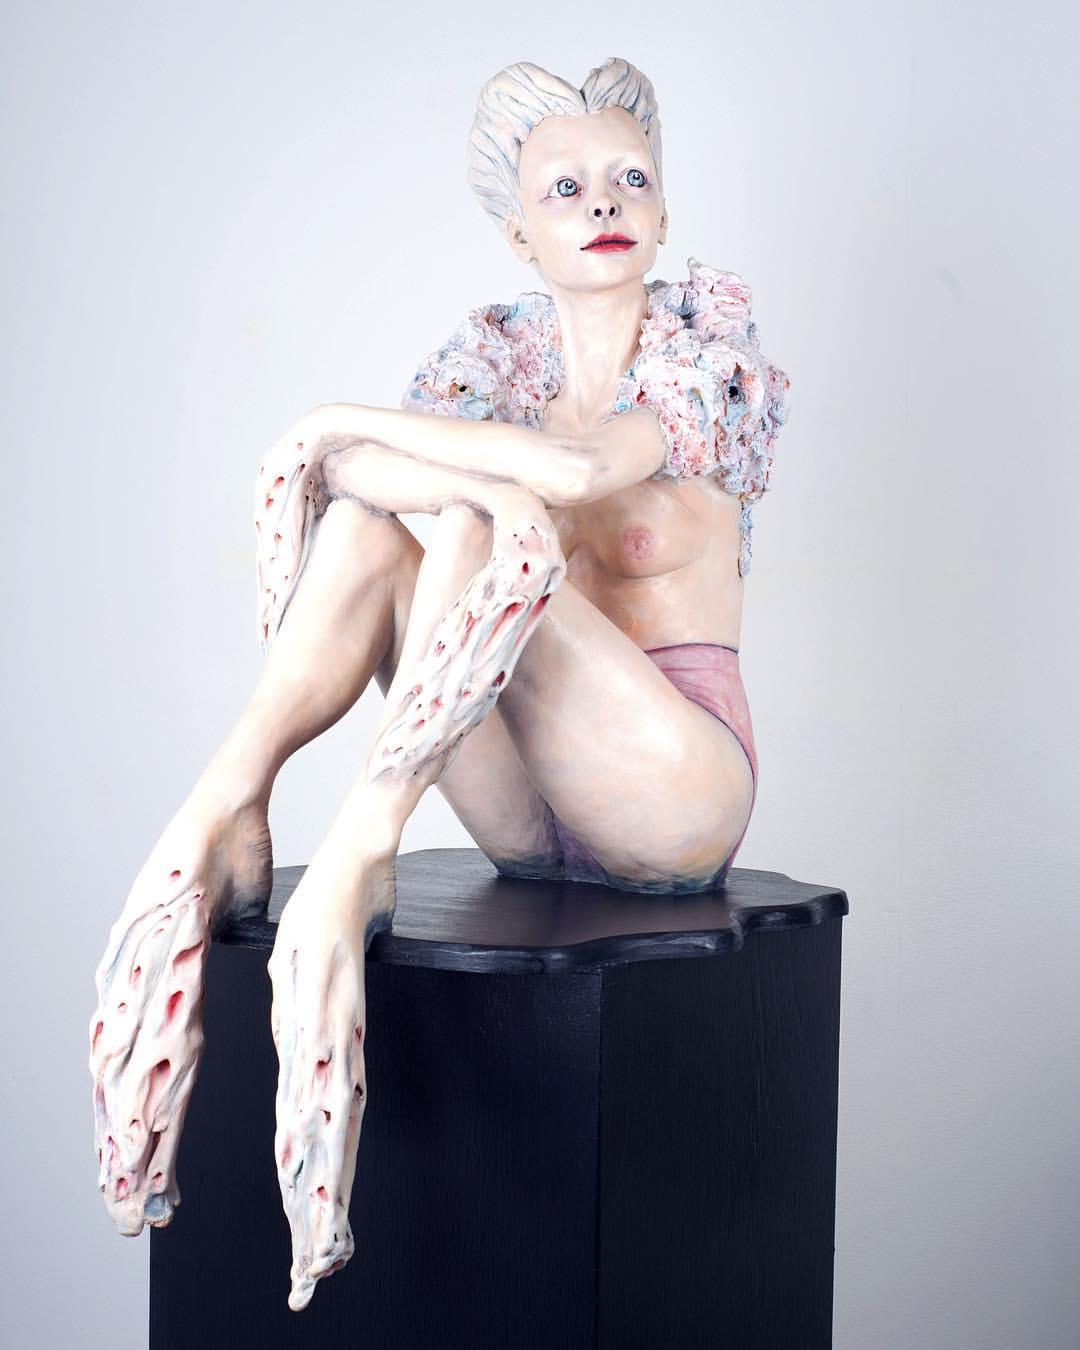 Sarah Louise Davey – Sculptures